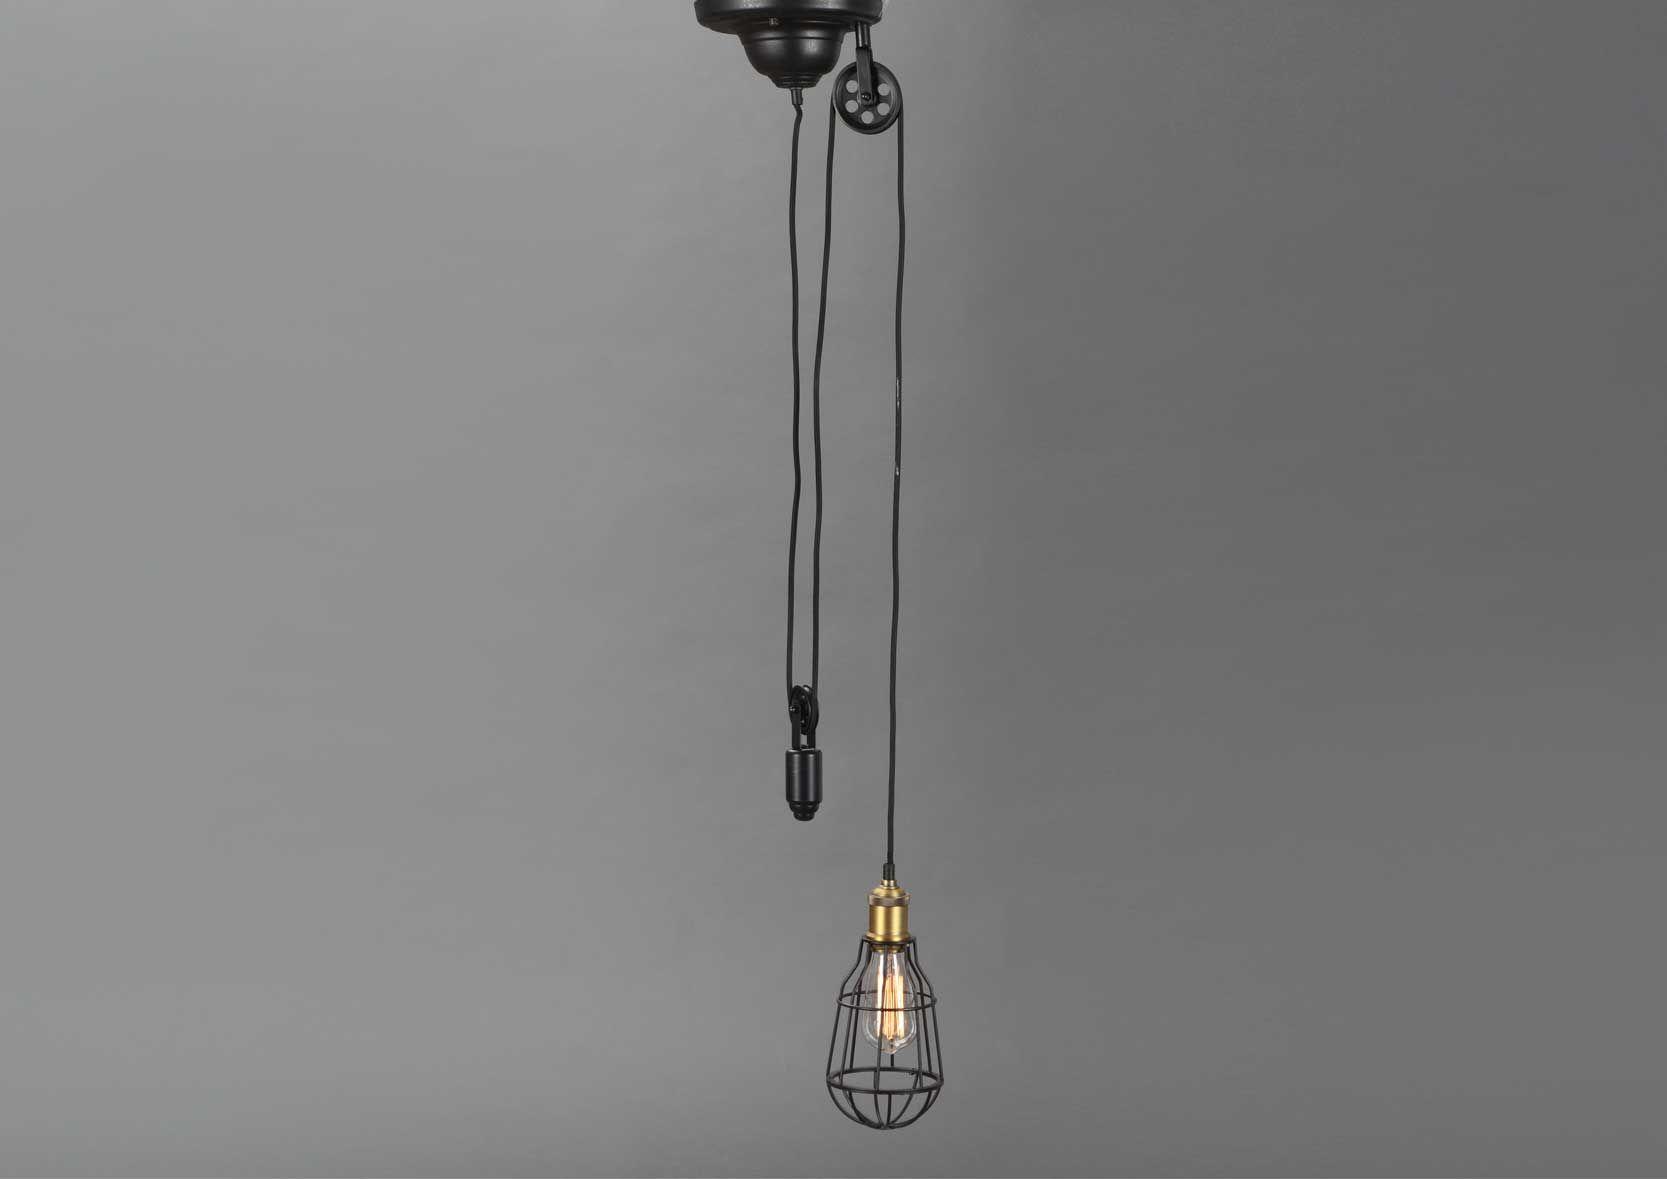 suspension vintage edison. Black Bedroom Furniture Sets. Home Design Ideas